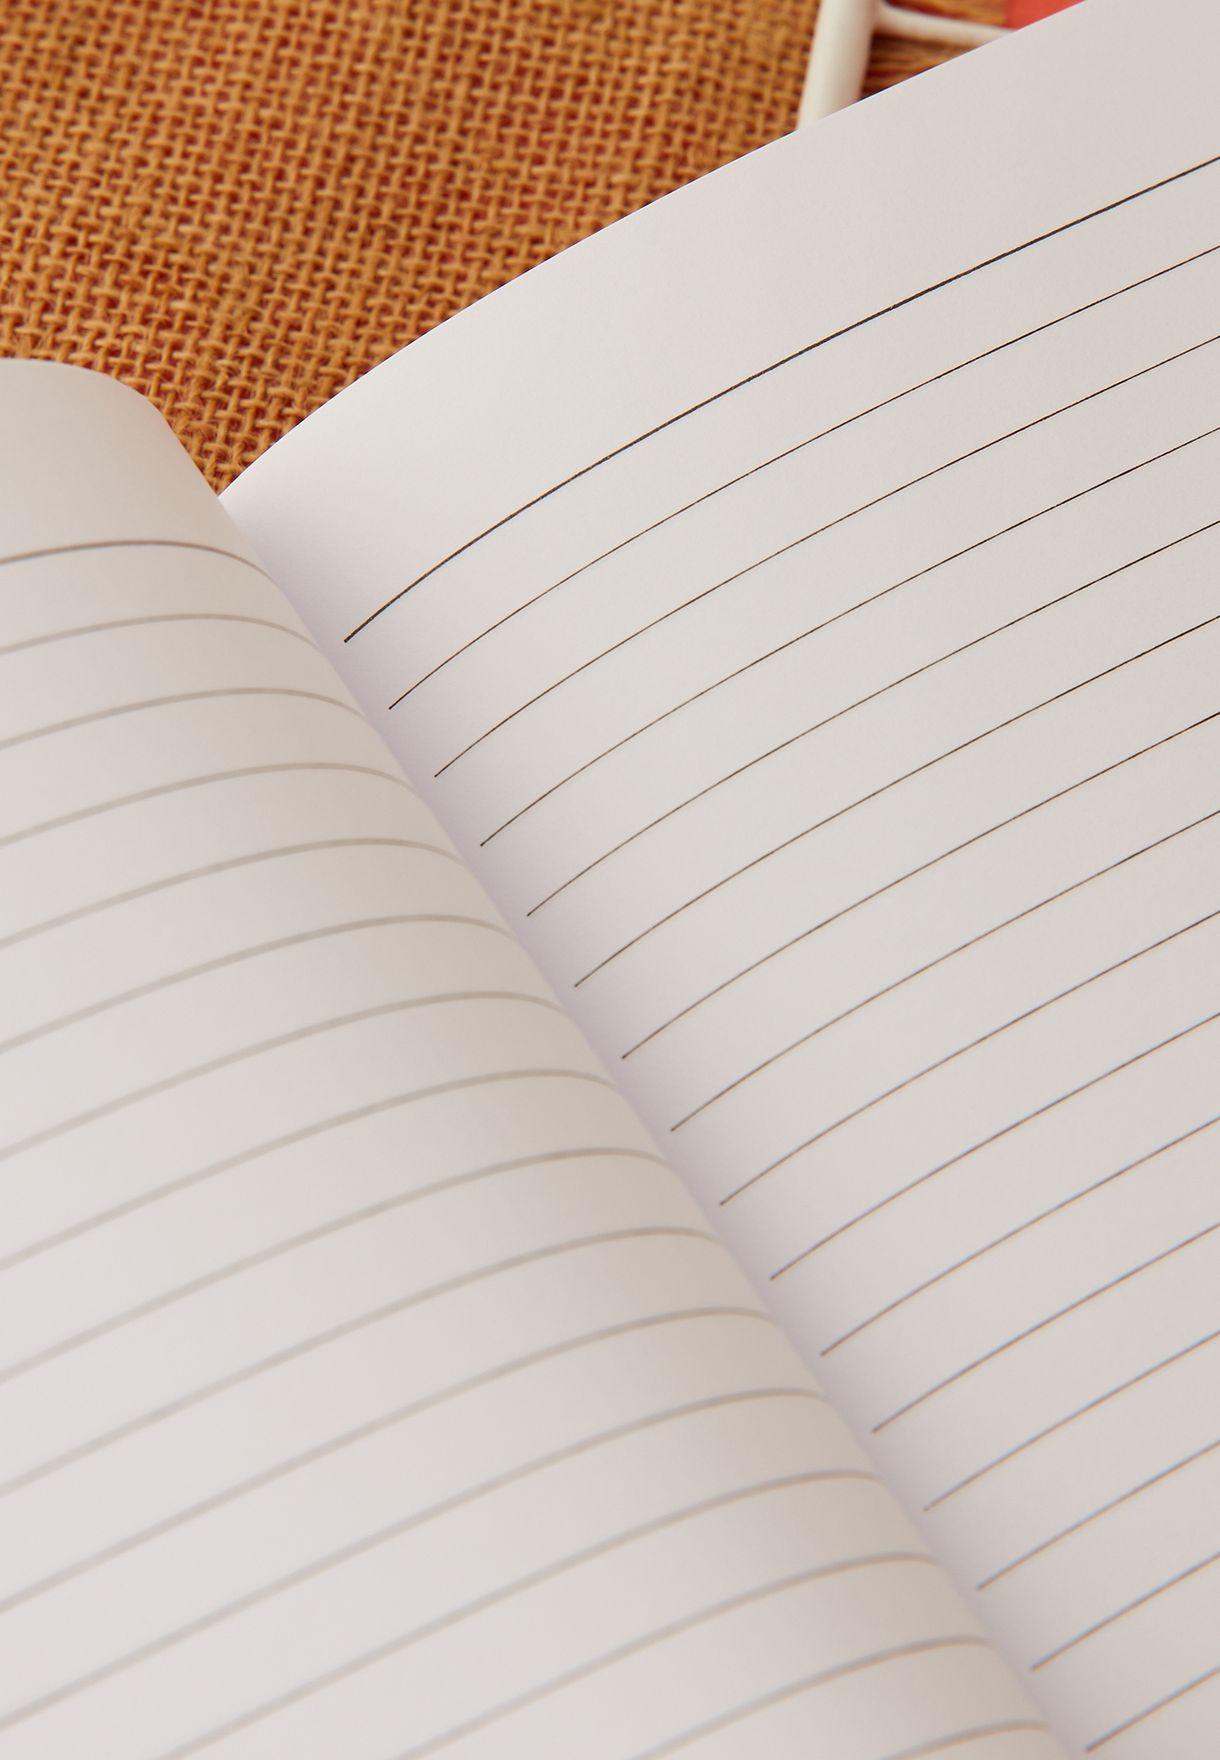 دفتر ملاحظات A5 بطباعة اللاما